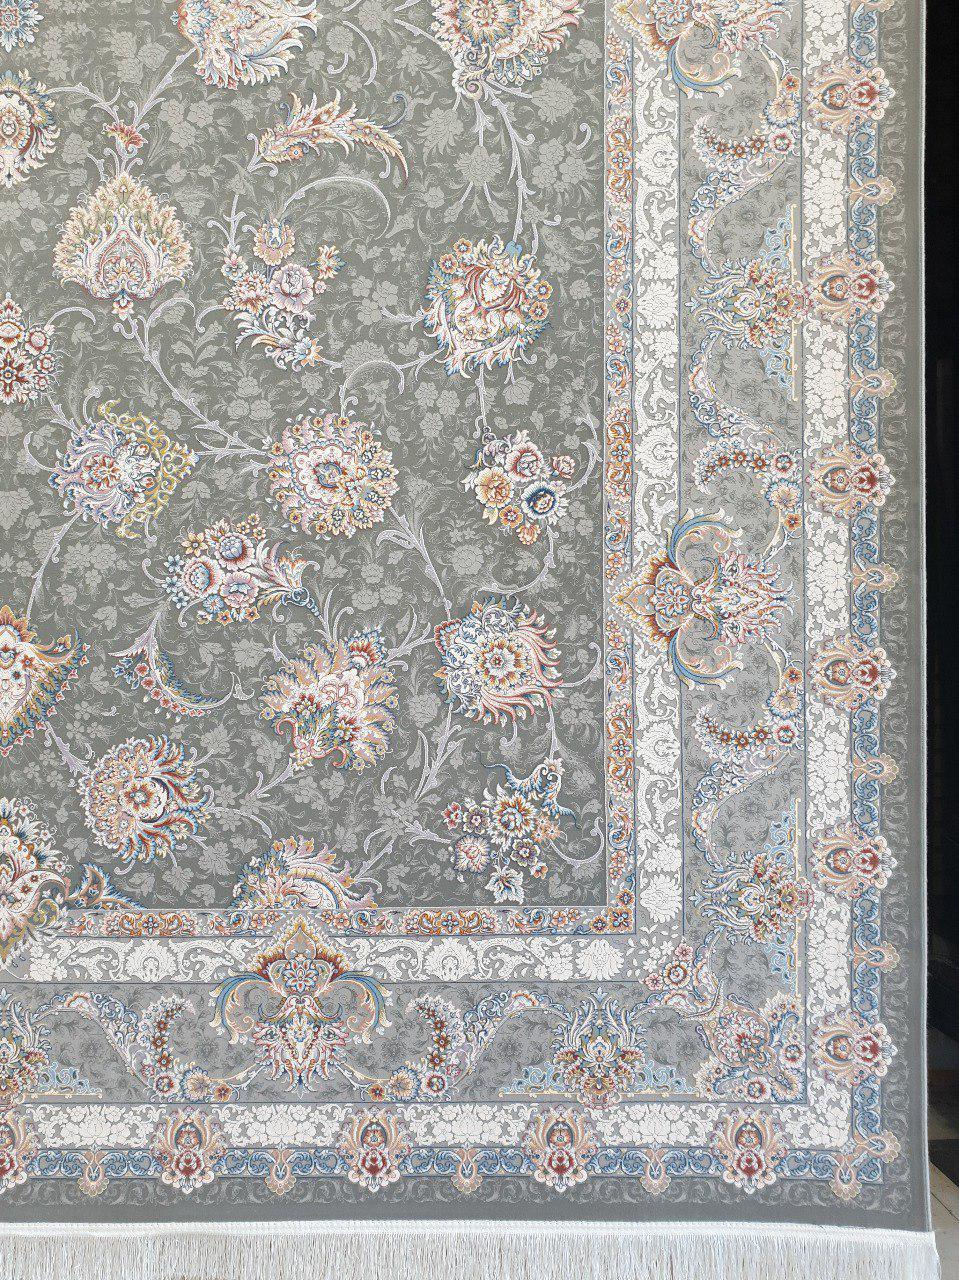 فرش 1200 شانه گل برجسته نقشه افشان همتا زمینه متالیک